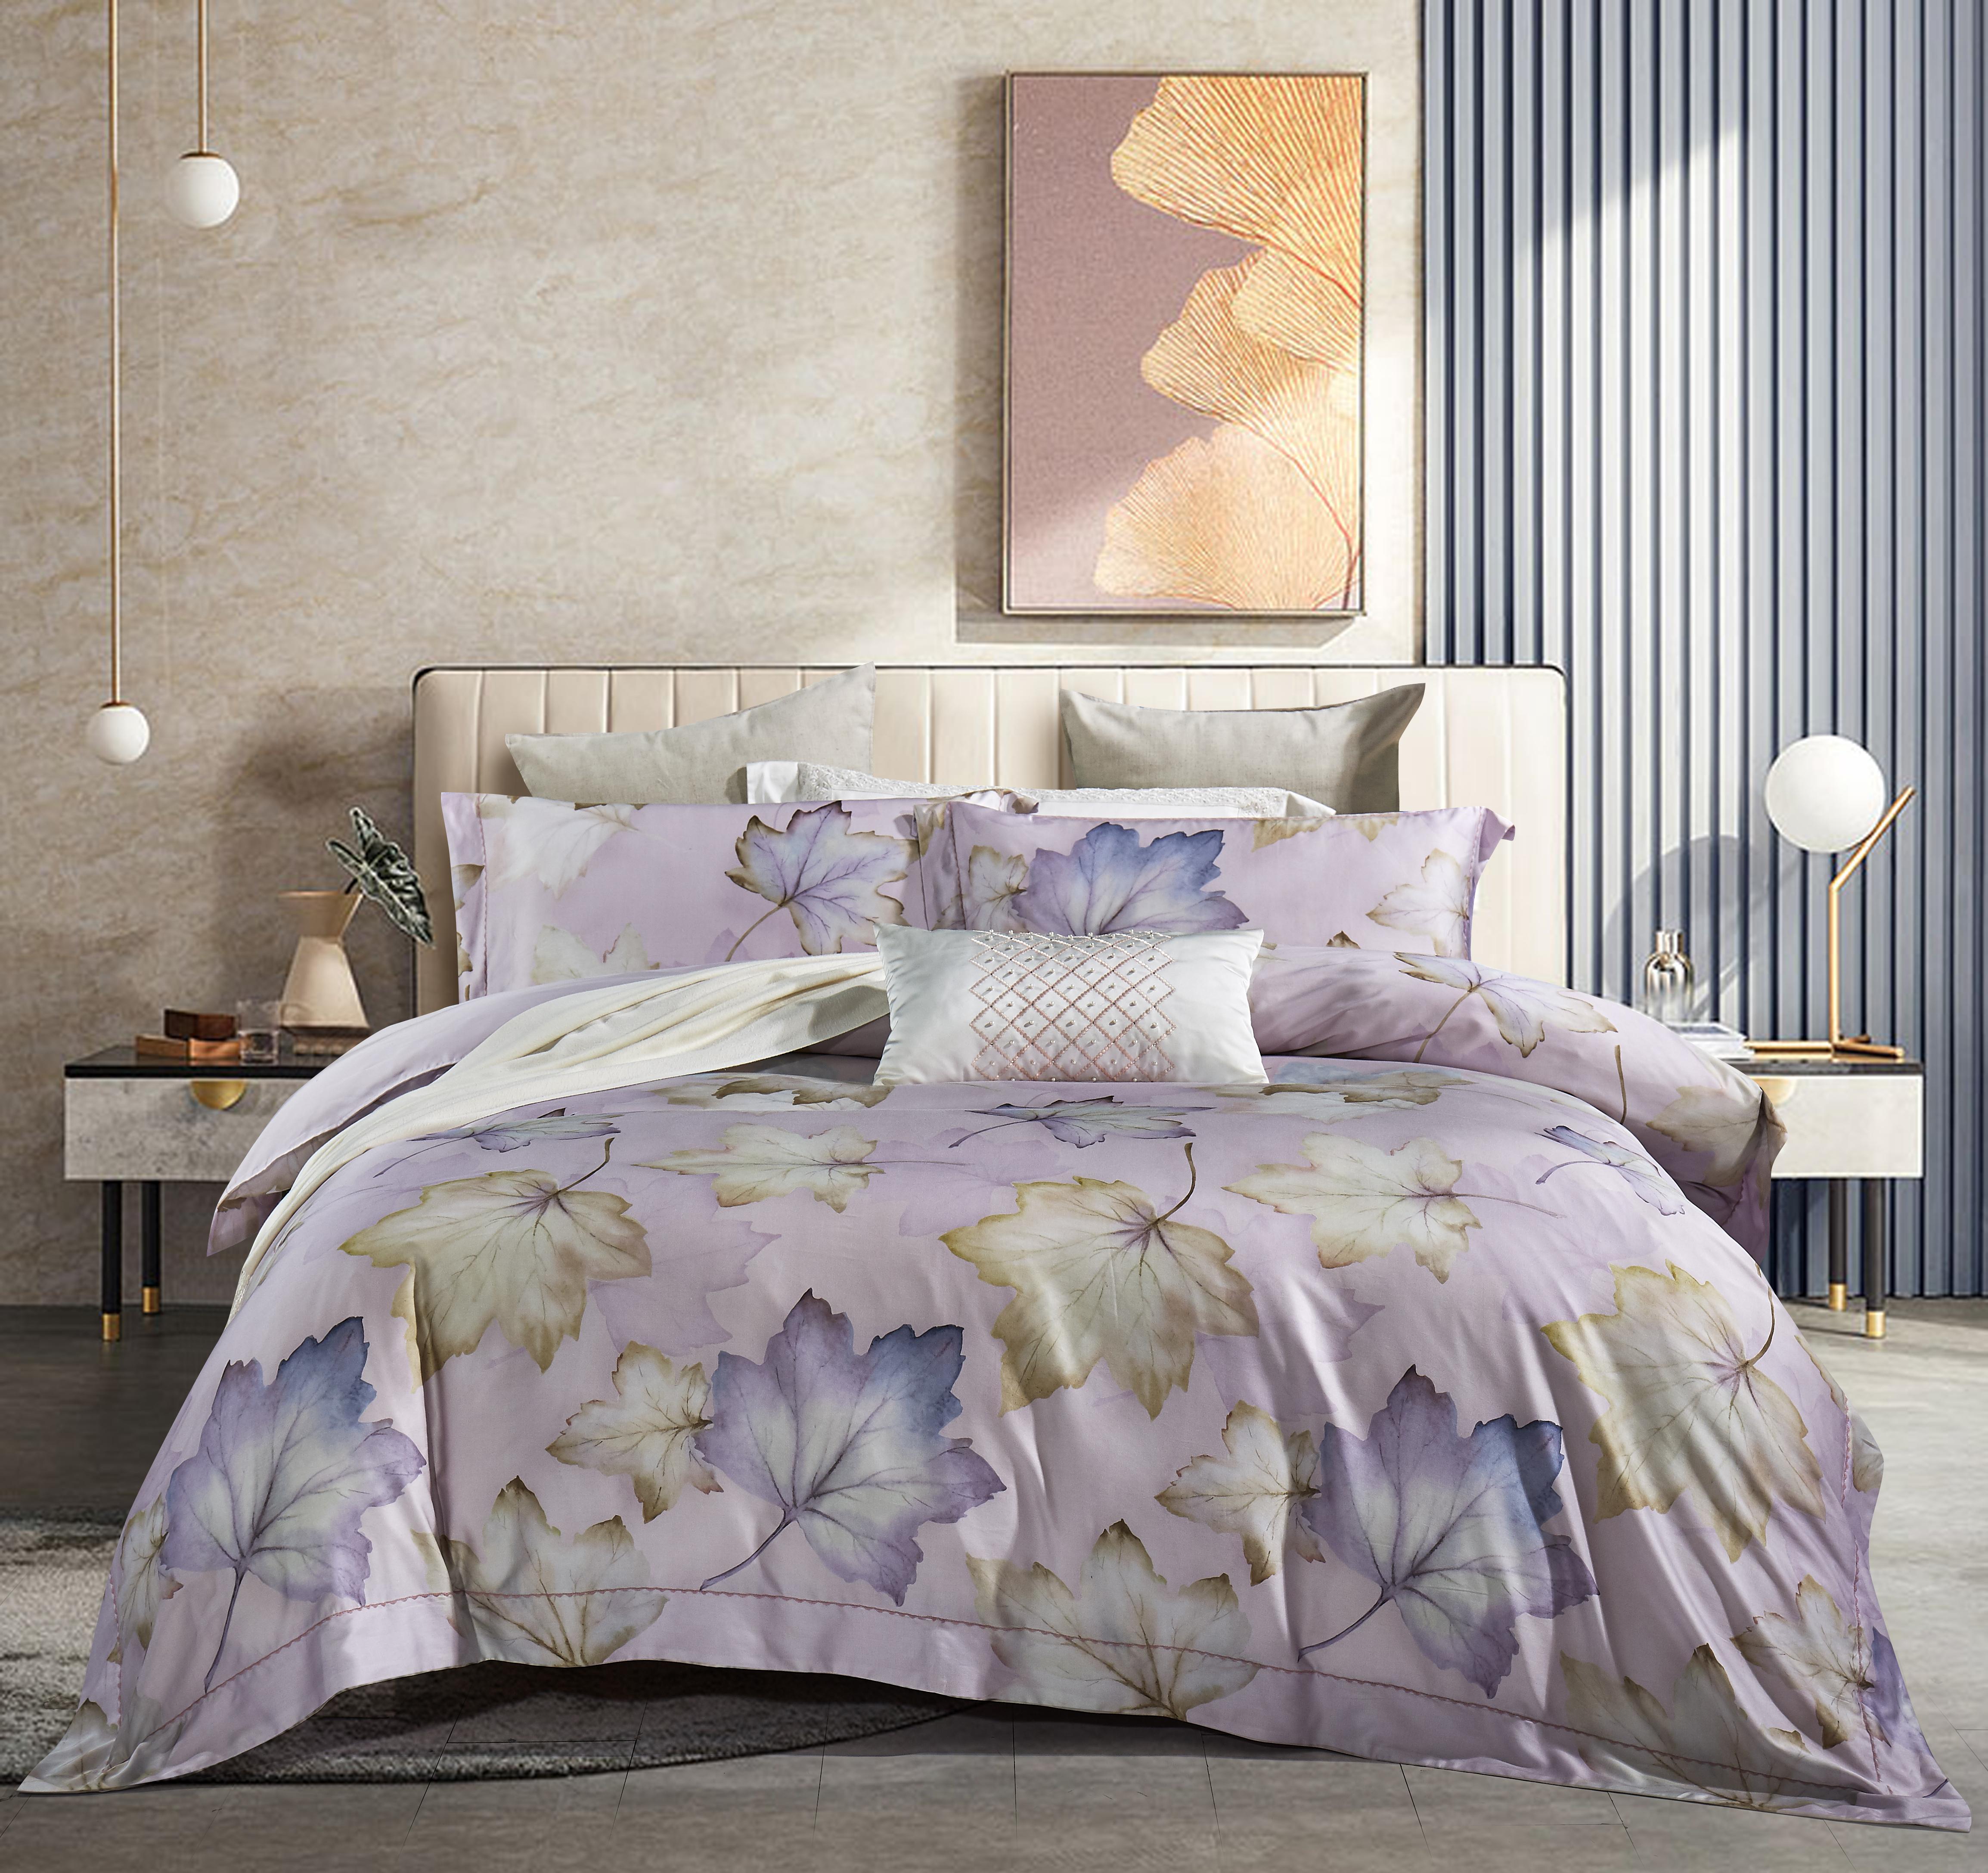 80奢華棉床蓋四件套-楓橋葉泊(紫)